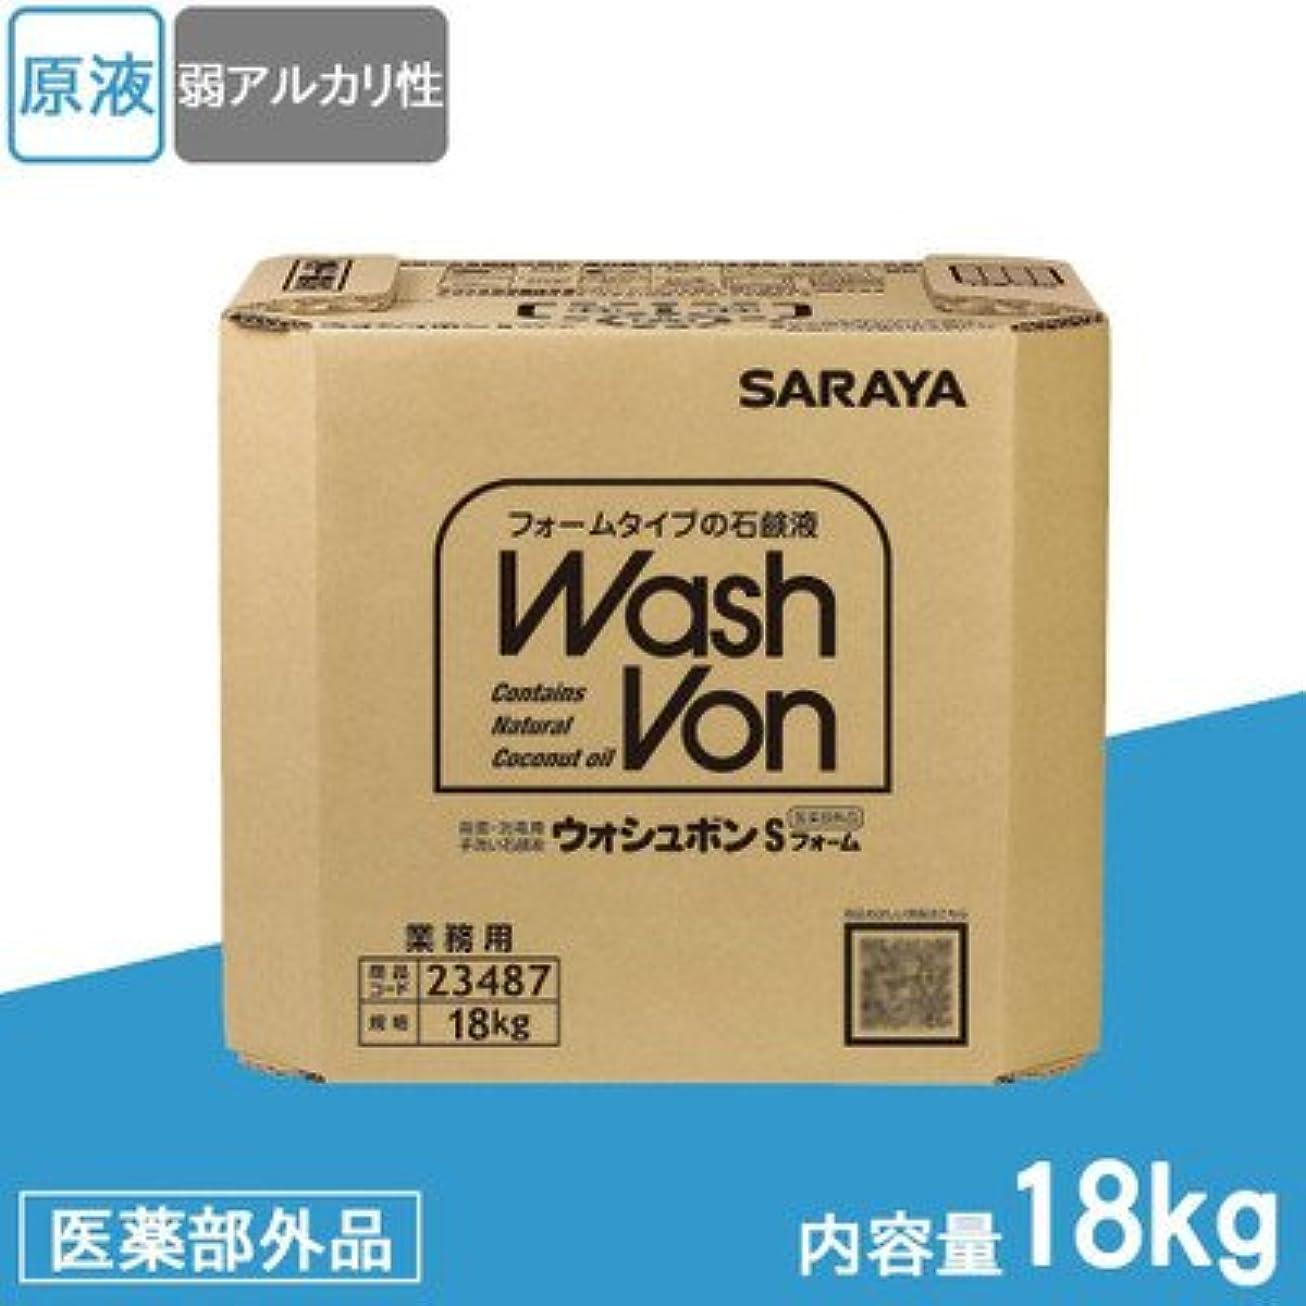 一般的にズボン印象さわやかなフローラルの香りの石鹸液 サラヤ 業務用 殺菌?消毒用手洗い石鹸液 ウォシュボンSフォーム 18kg BIB 23487 医薬部外品